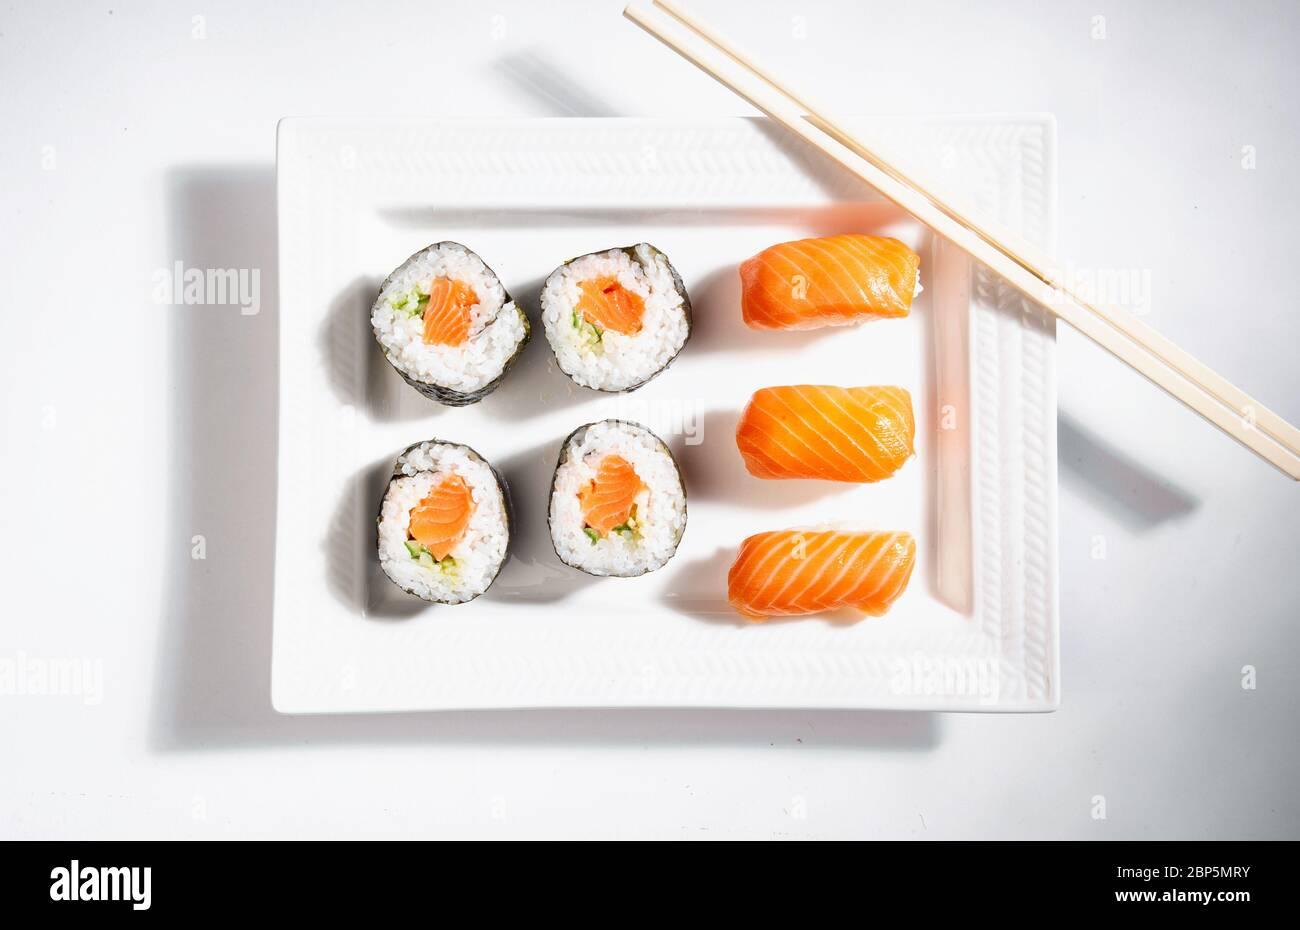 assiette de sushis au saumon avec baguettes Banque D'Images